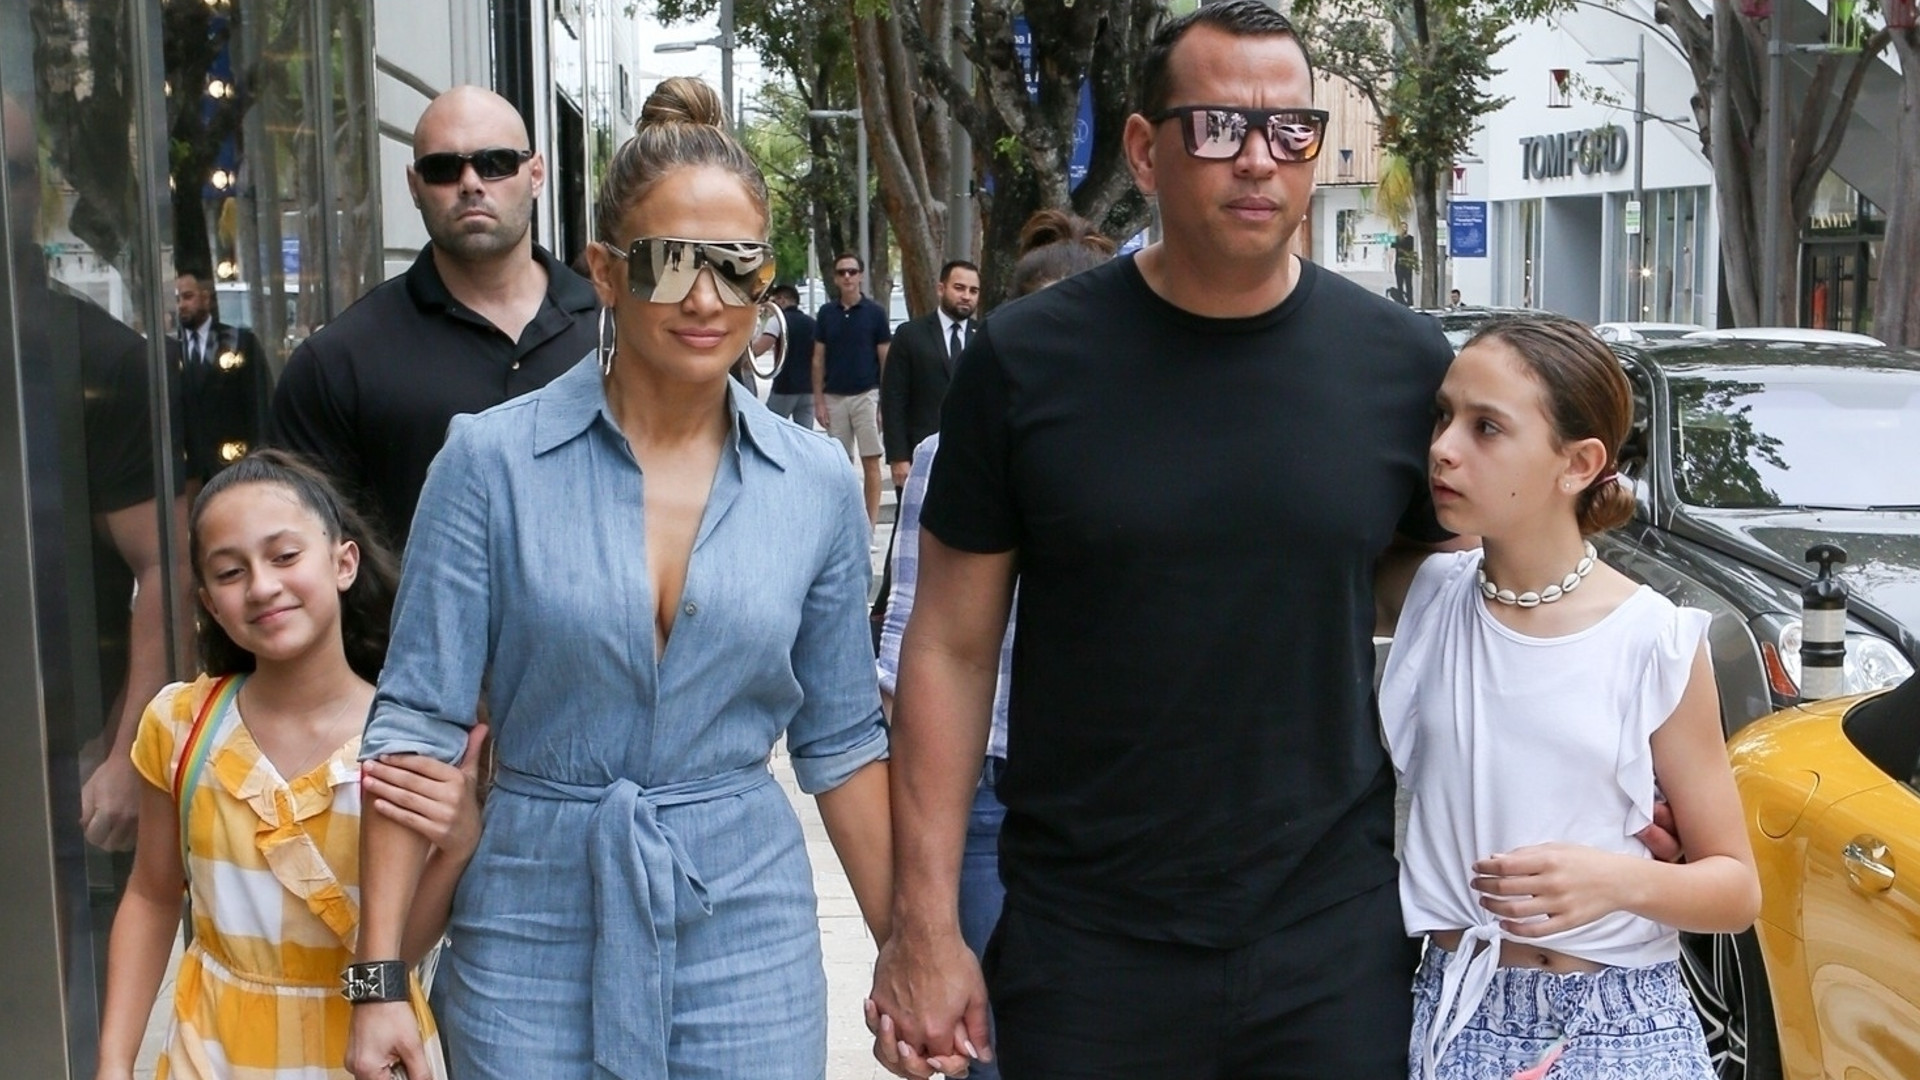 Jennifer Lopez z narzeczonym i ich wszystkimi dziećmi idą na lunch i wzbudzają sensację na ulicy (ZDJĘCIA)